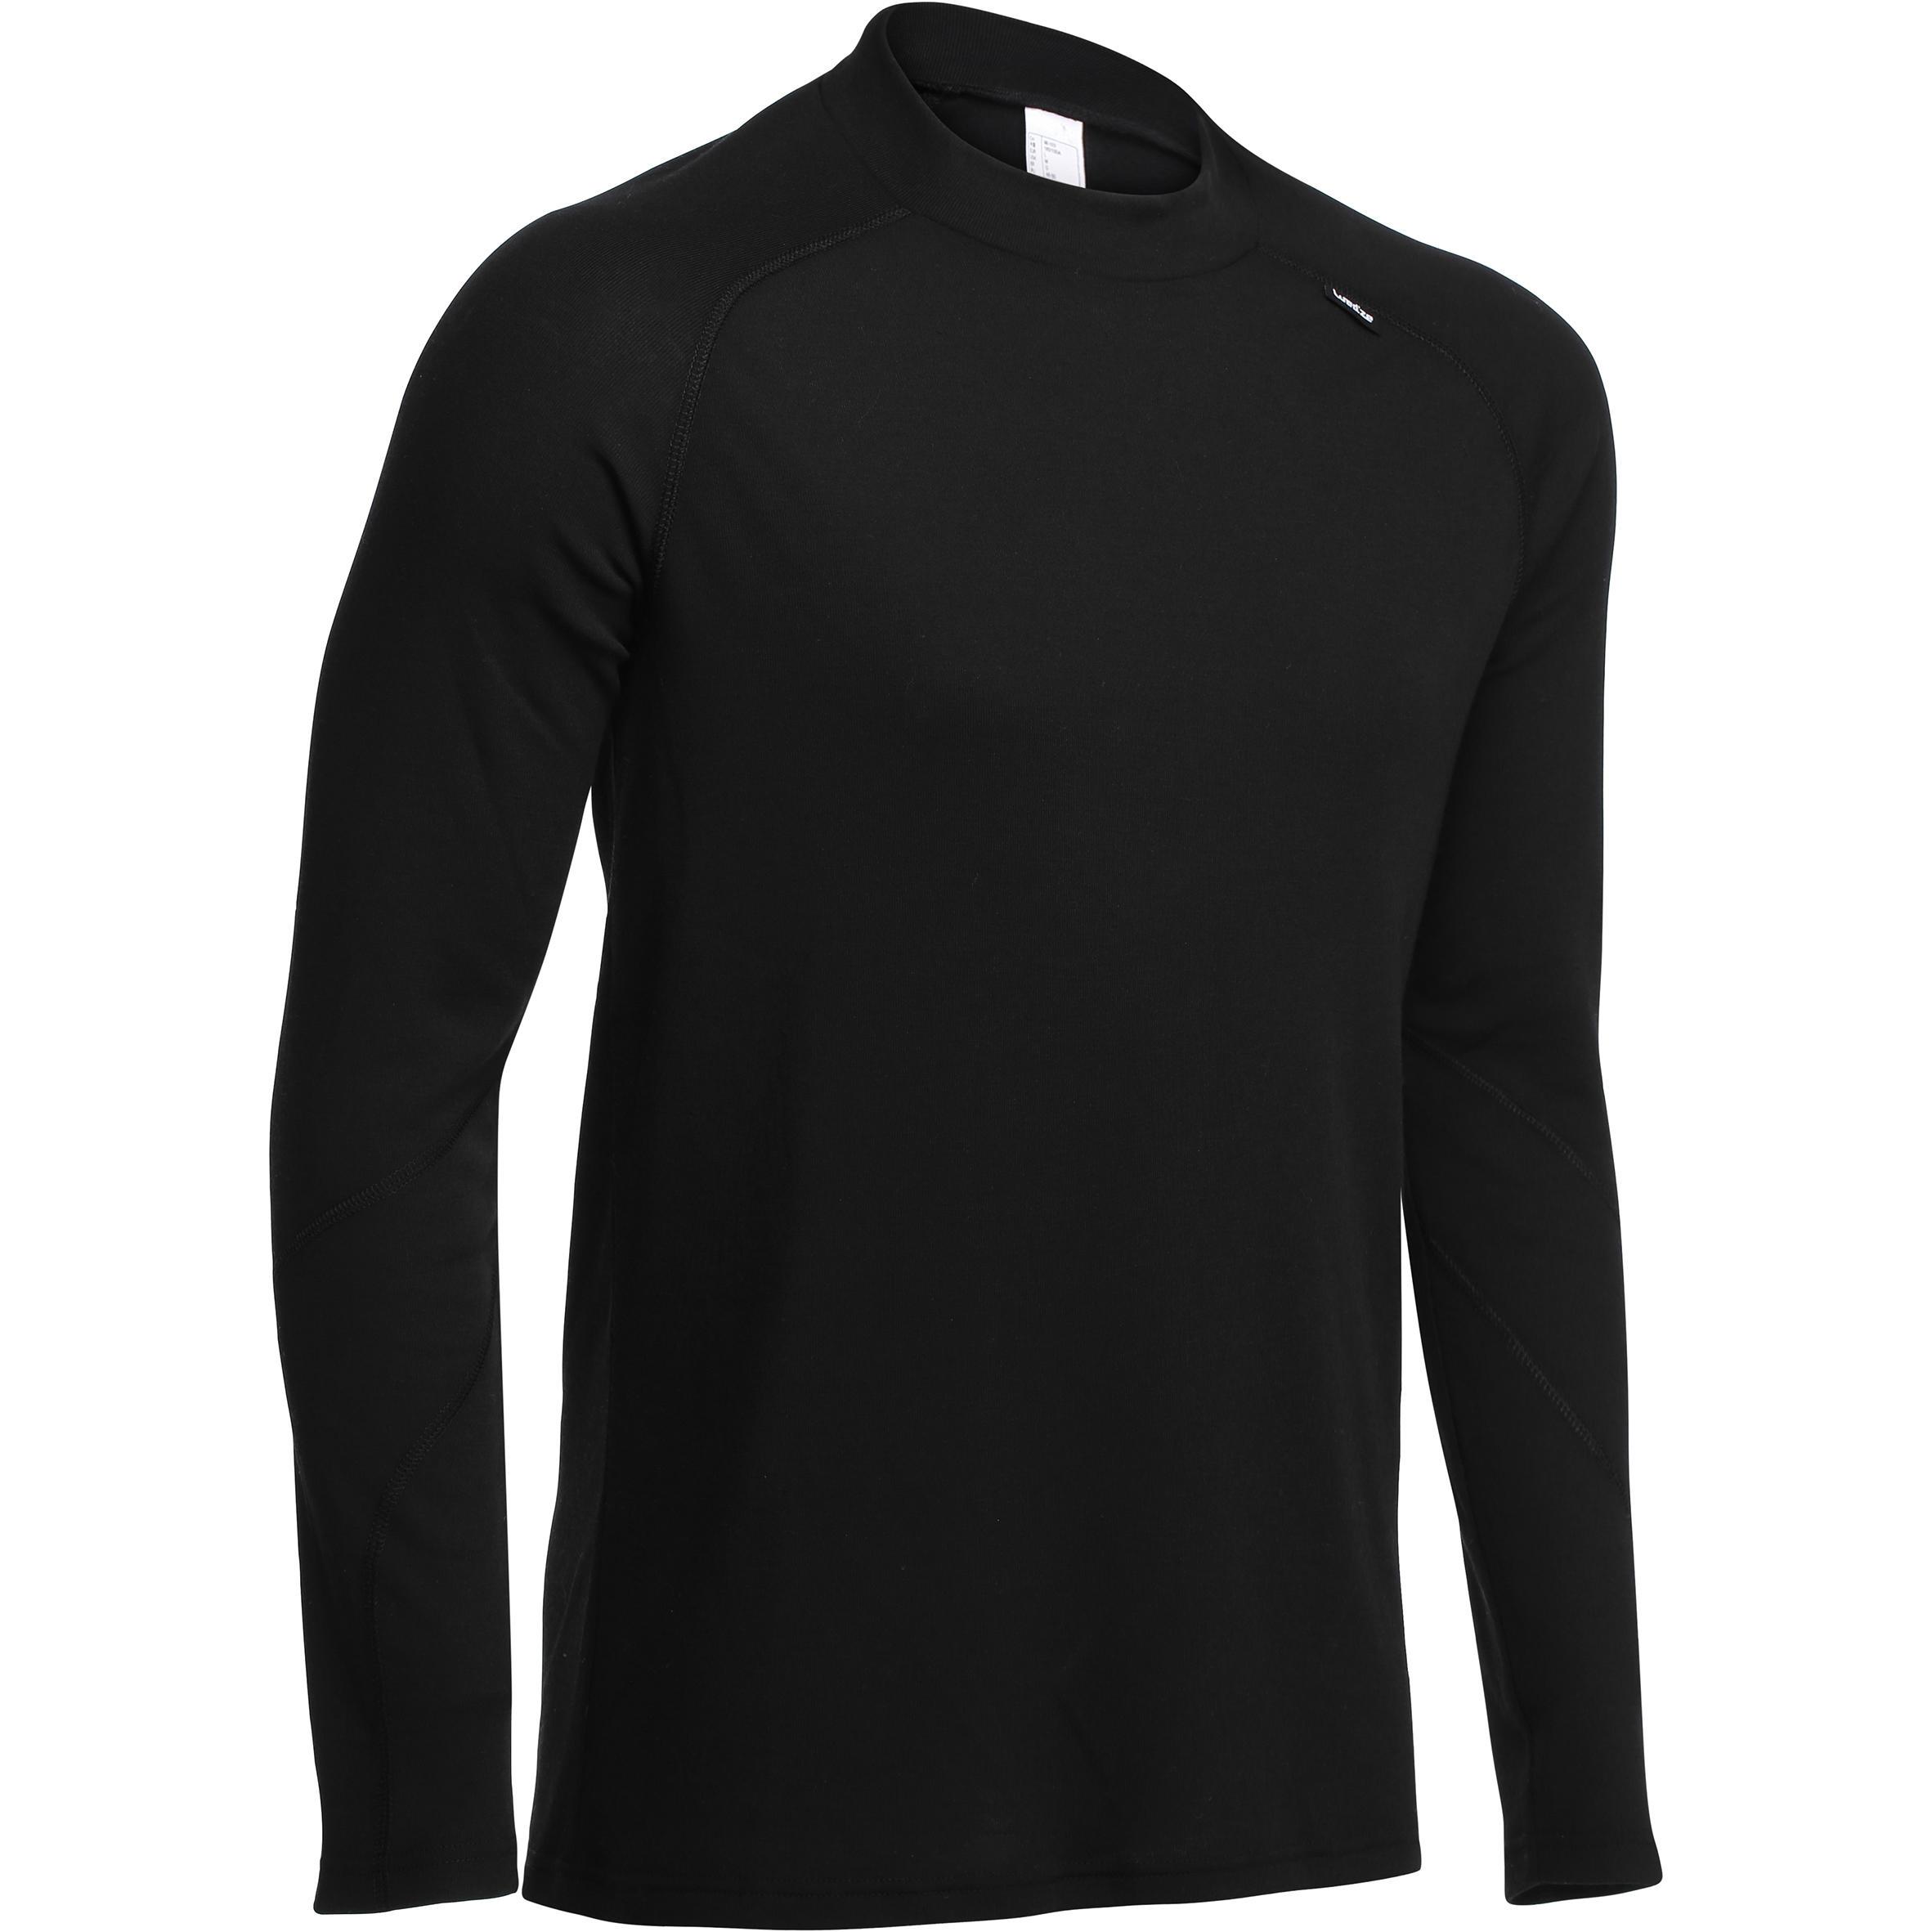 Skiunterhemd Simple Warm Herren | Sportbekleidung > Funktionswäsche > Thermounterwäsche | Wedze